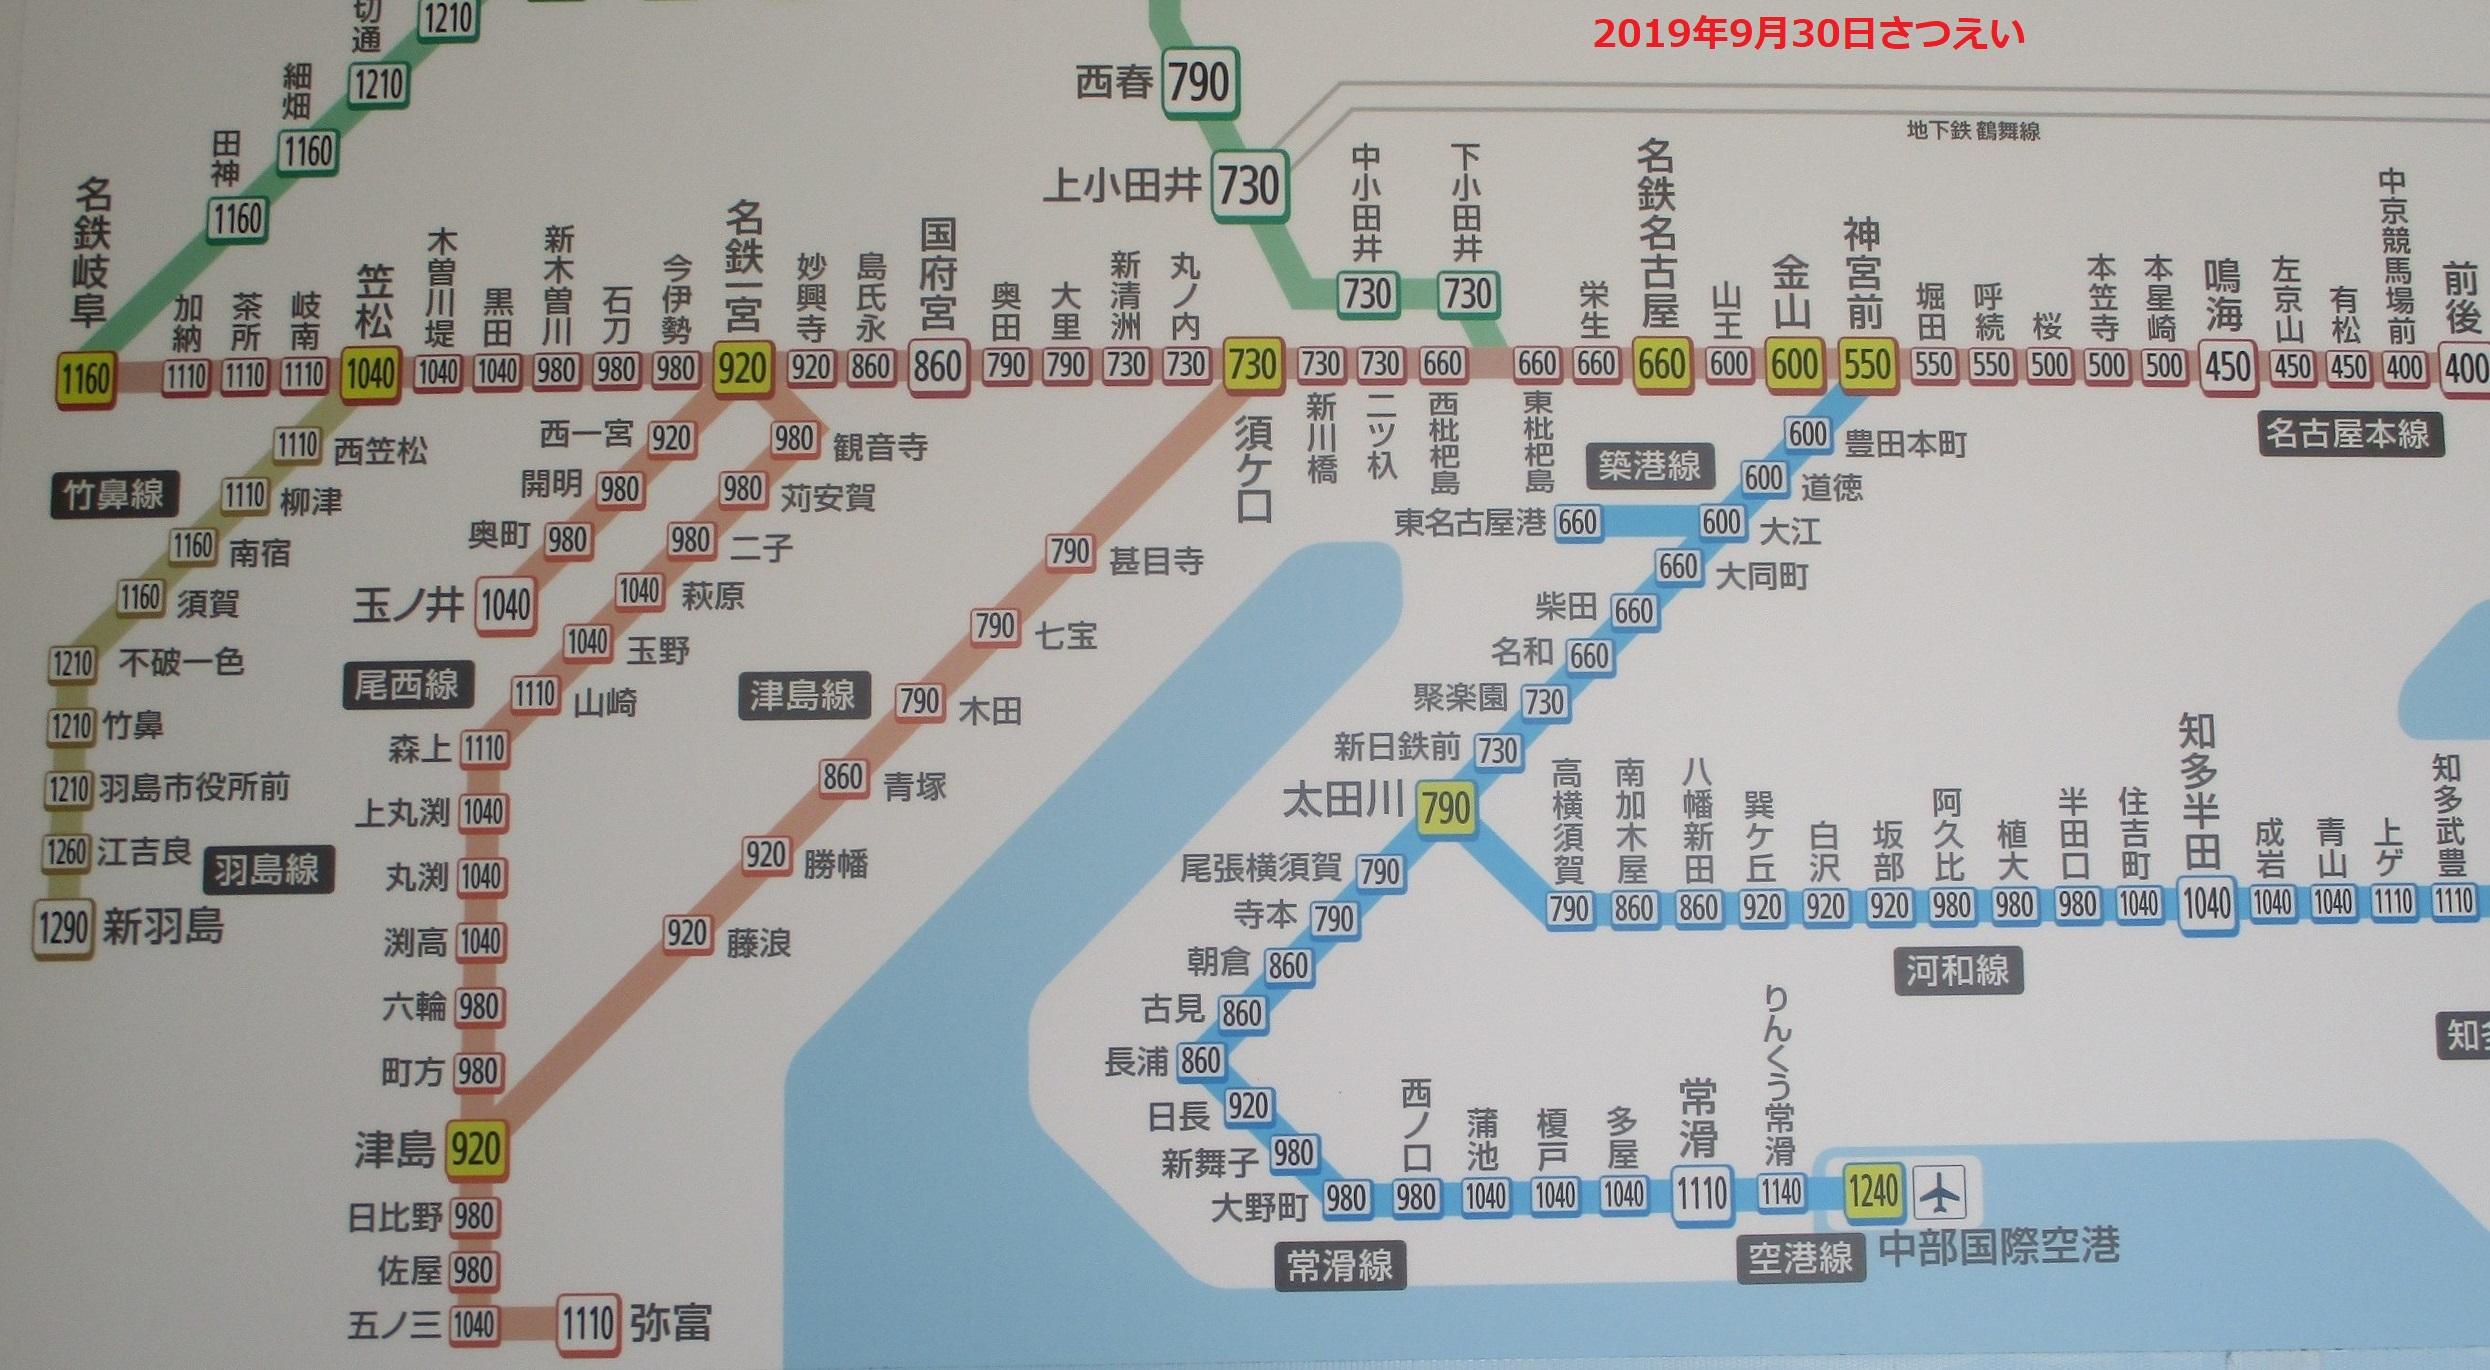 2019.9.30 ふるい - 料金表 4-3 西南 2490-1370